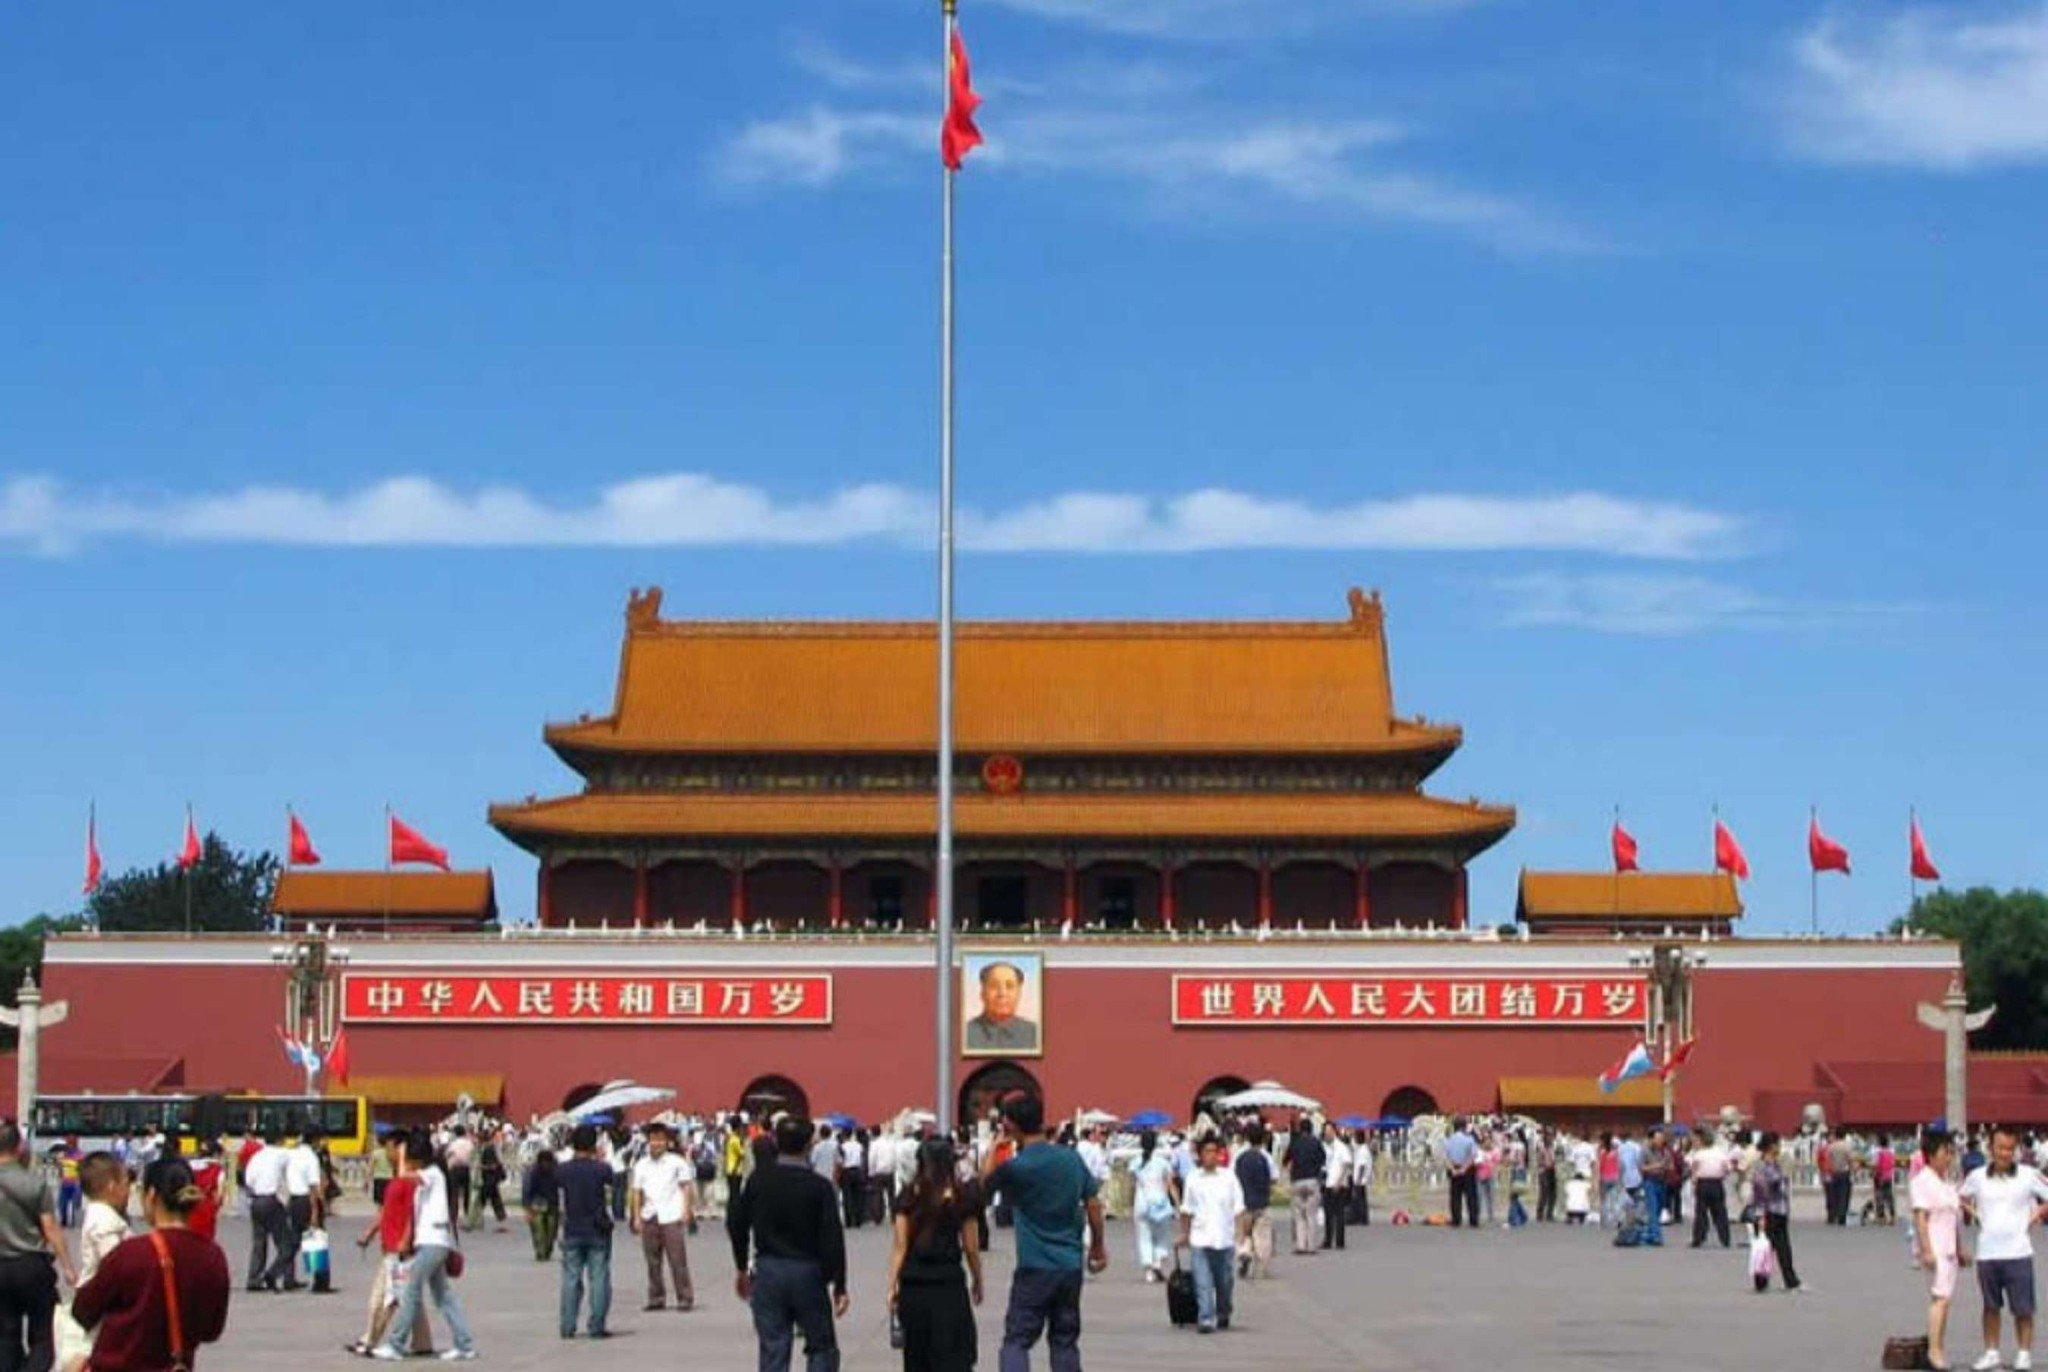 Trước quảng trường Thiên An Môn rộng lớn có nhiều người, cột cờ cao và hình ảnh Mao Trạch Đông